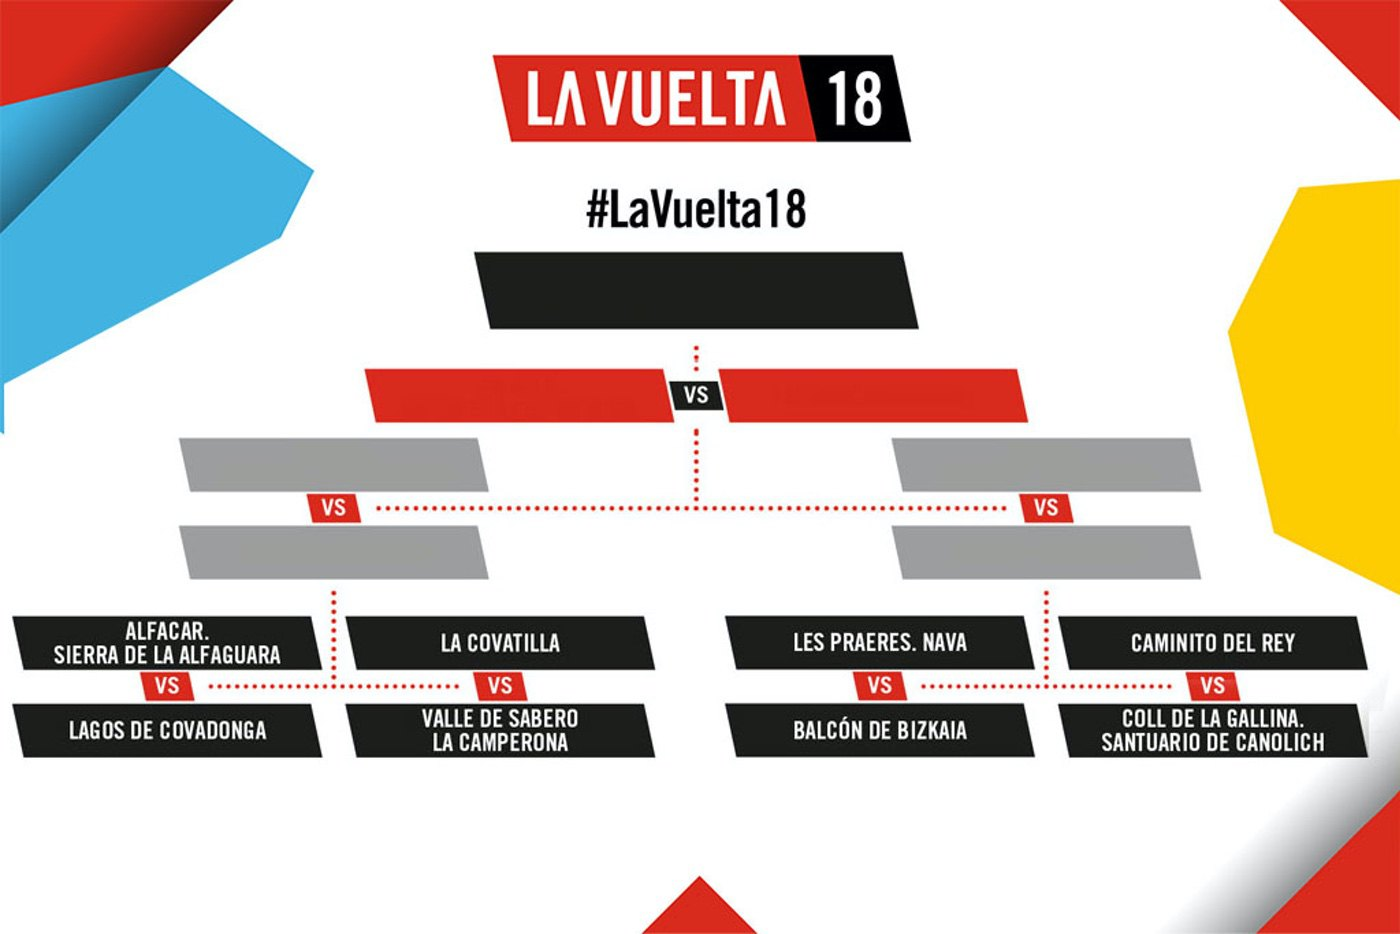 Vota por tu llegada en alto favorita de La Vuelta y gana un pase VIP